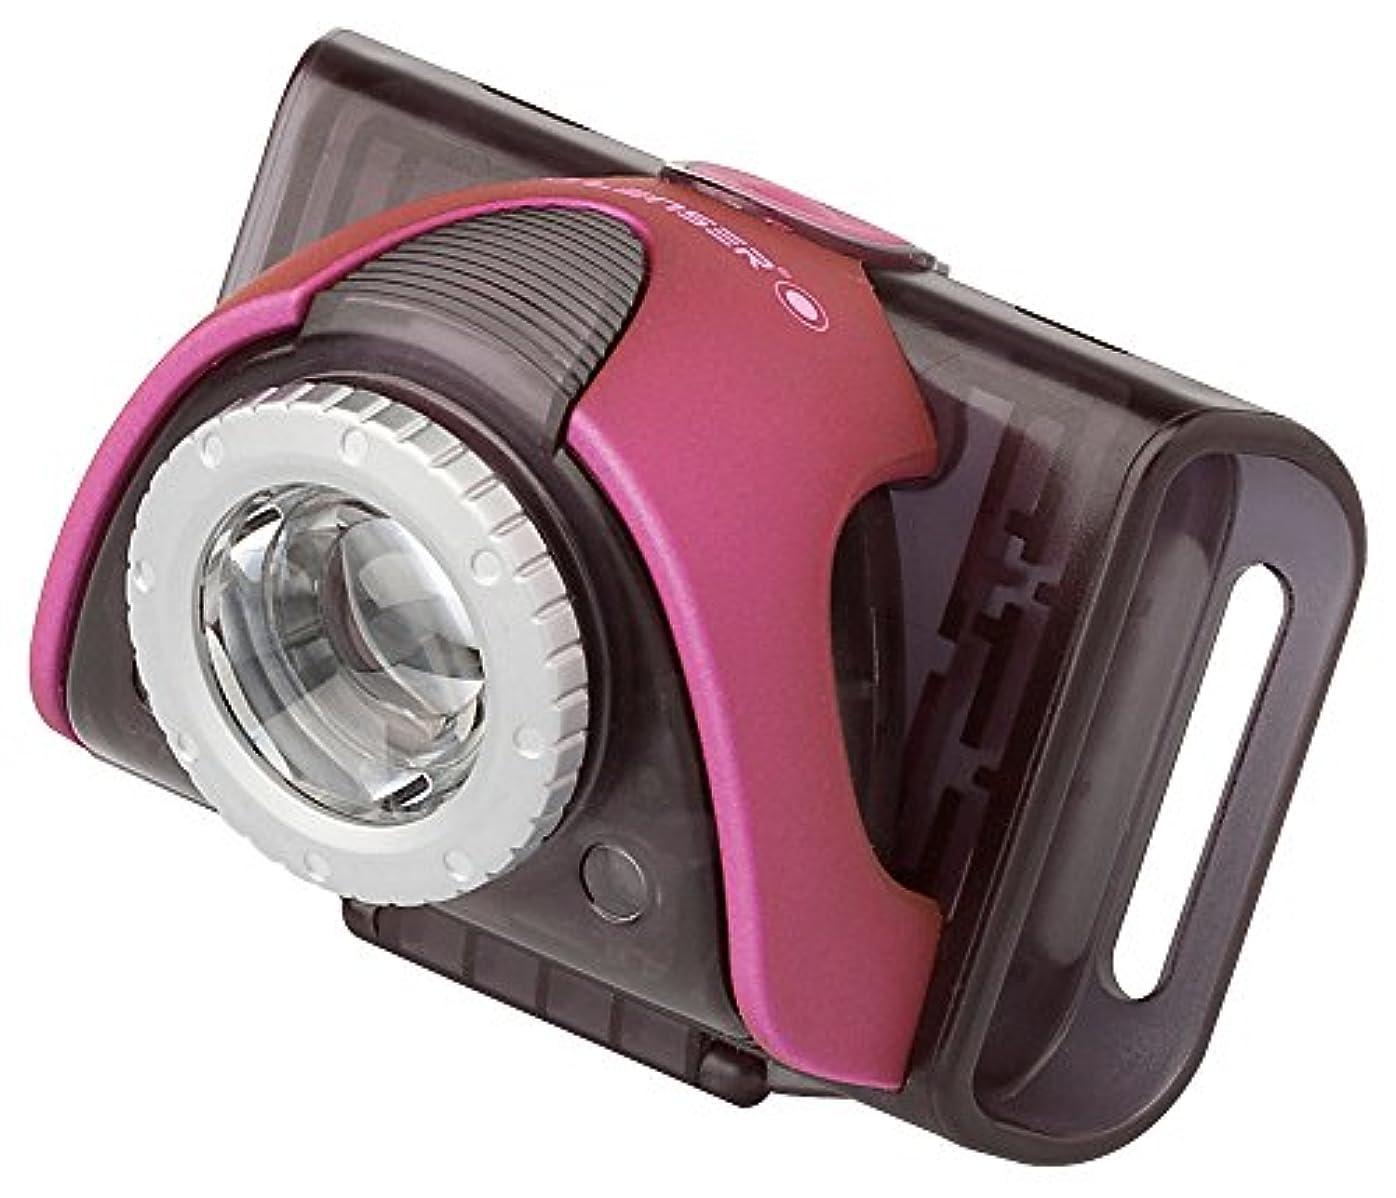 壁プラスチック学ぶLEDLENSER(レッドレンザー) LEDバイクライト SEOB3 【明るさ約100ルーメン】 【最長7年保証】 単4乾電池(AAA)x3本/防水等級:IPX6 [日本正規品]